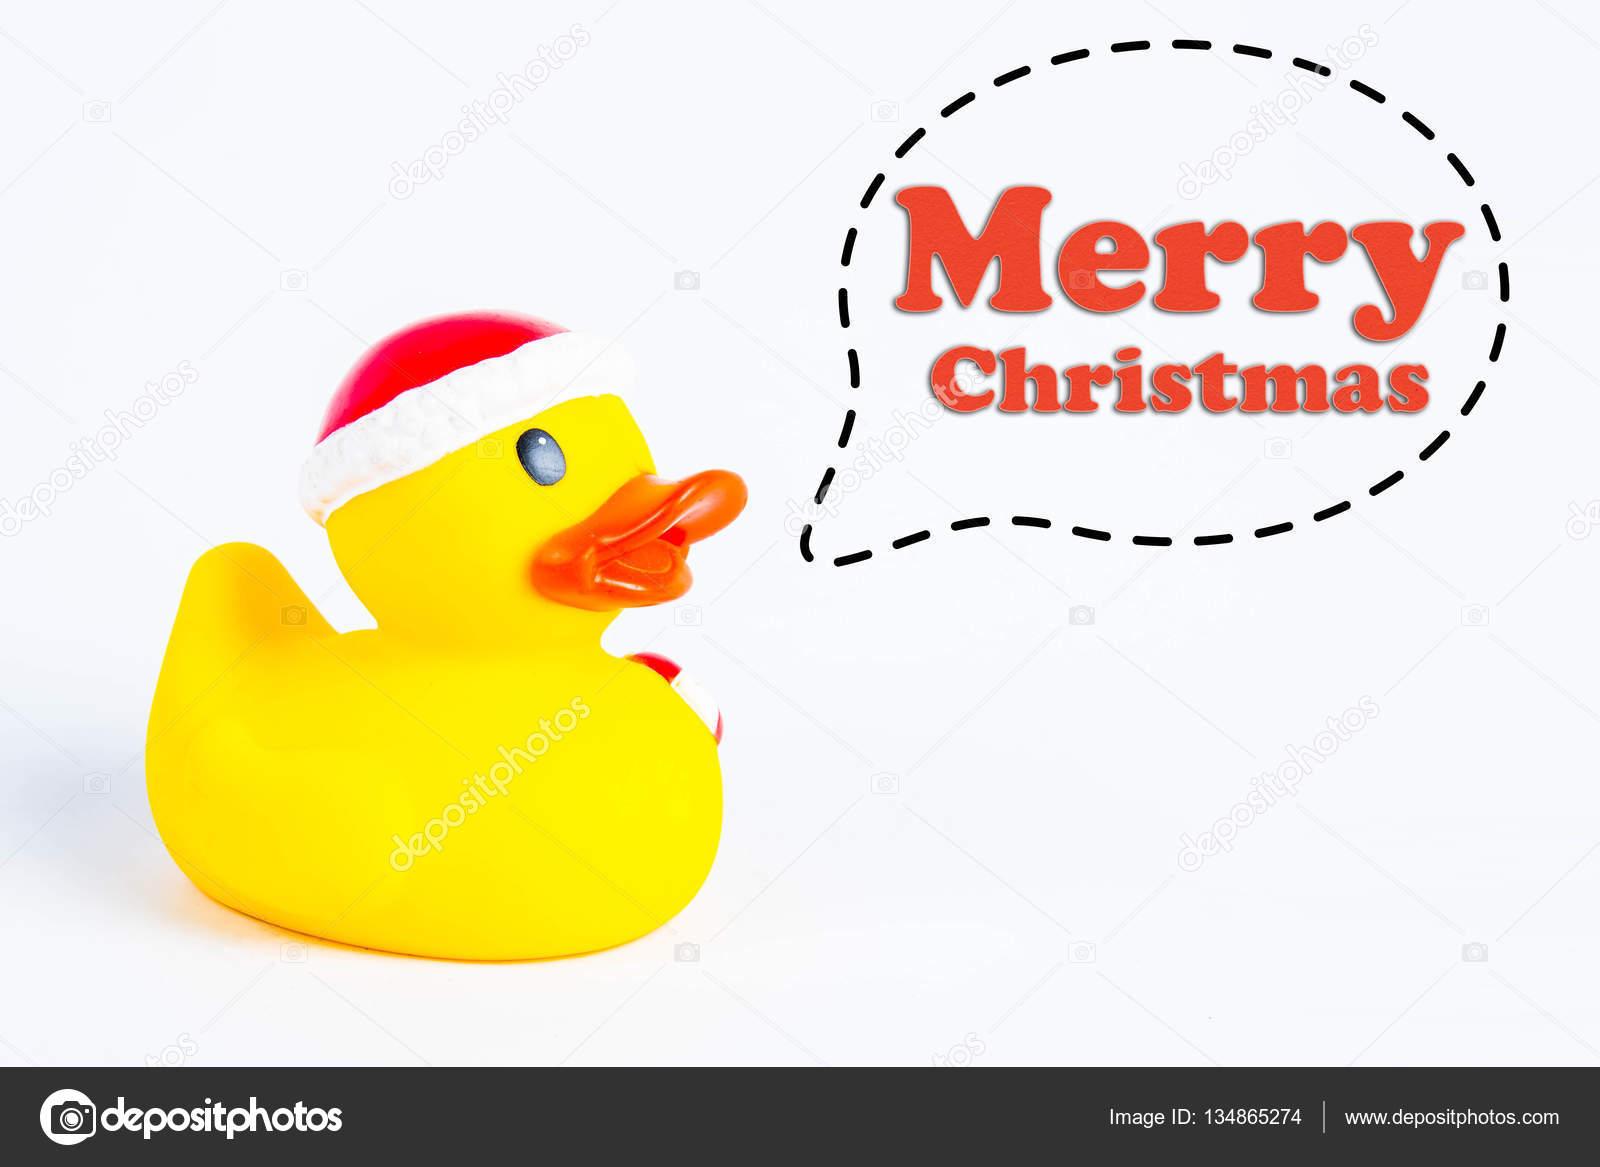 Feliz Navidad Rotulos.Imagenes Rotulos Banos Pato Del Bano Con Llamada Simbolo